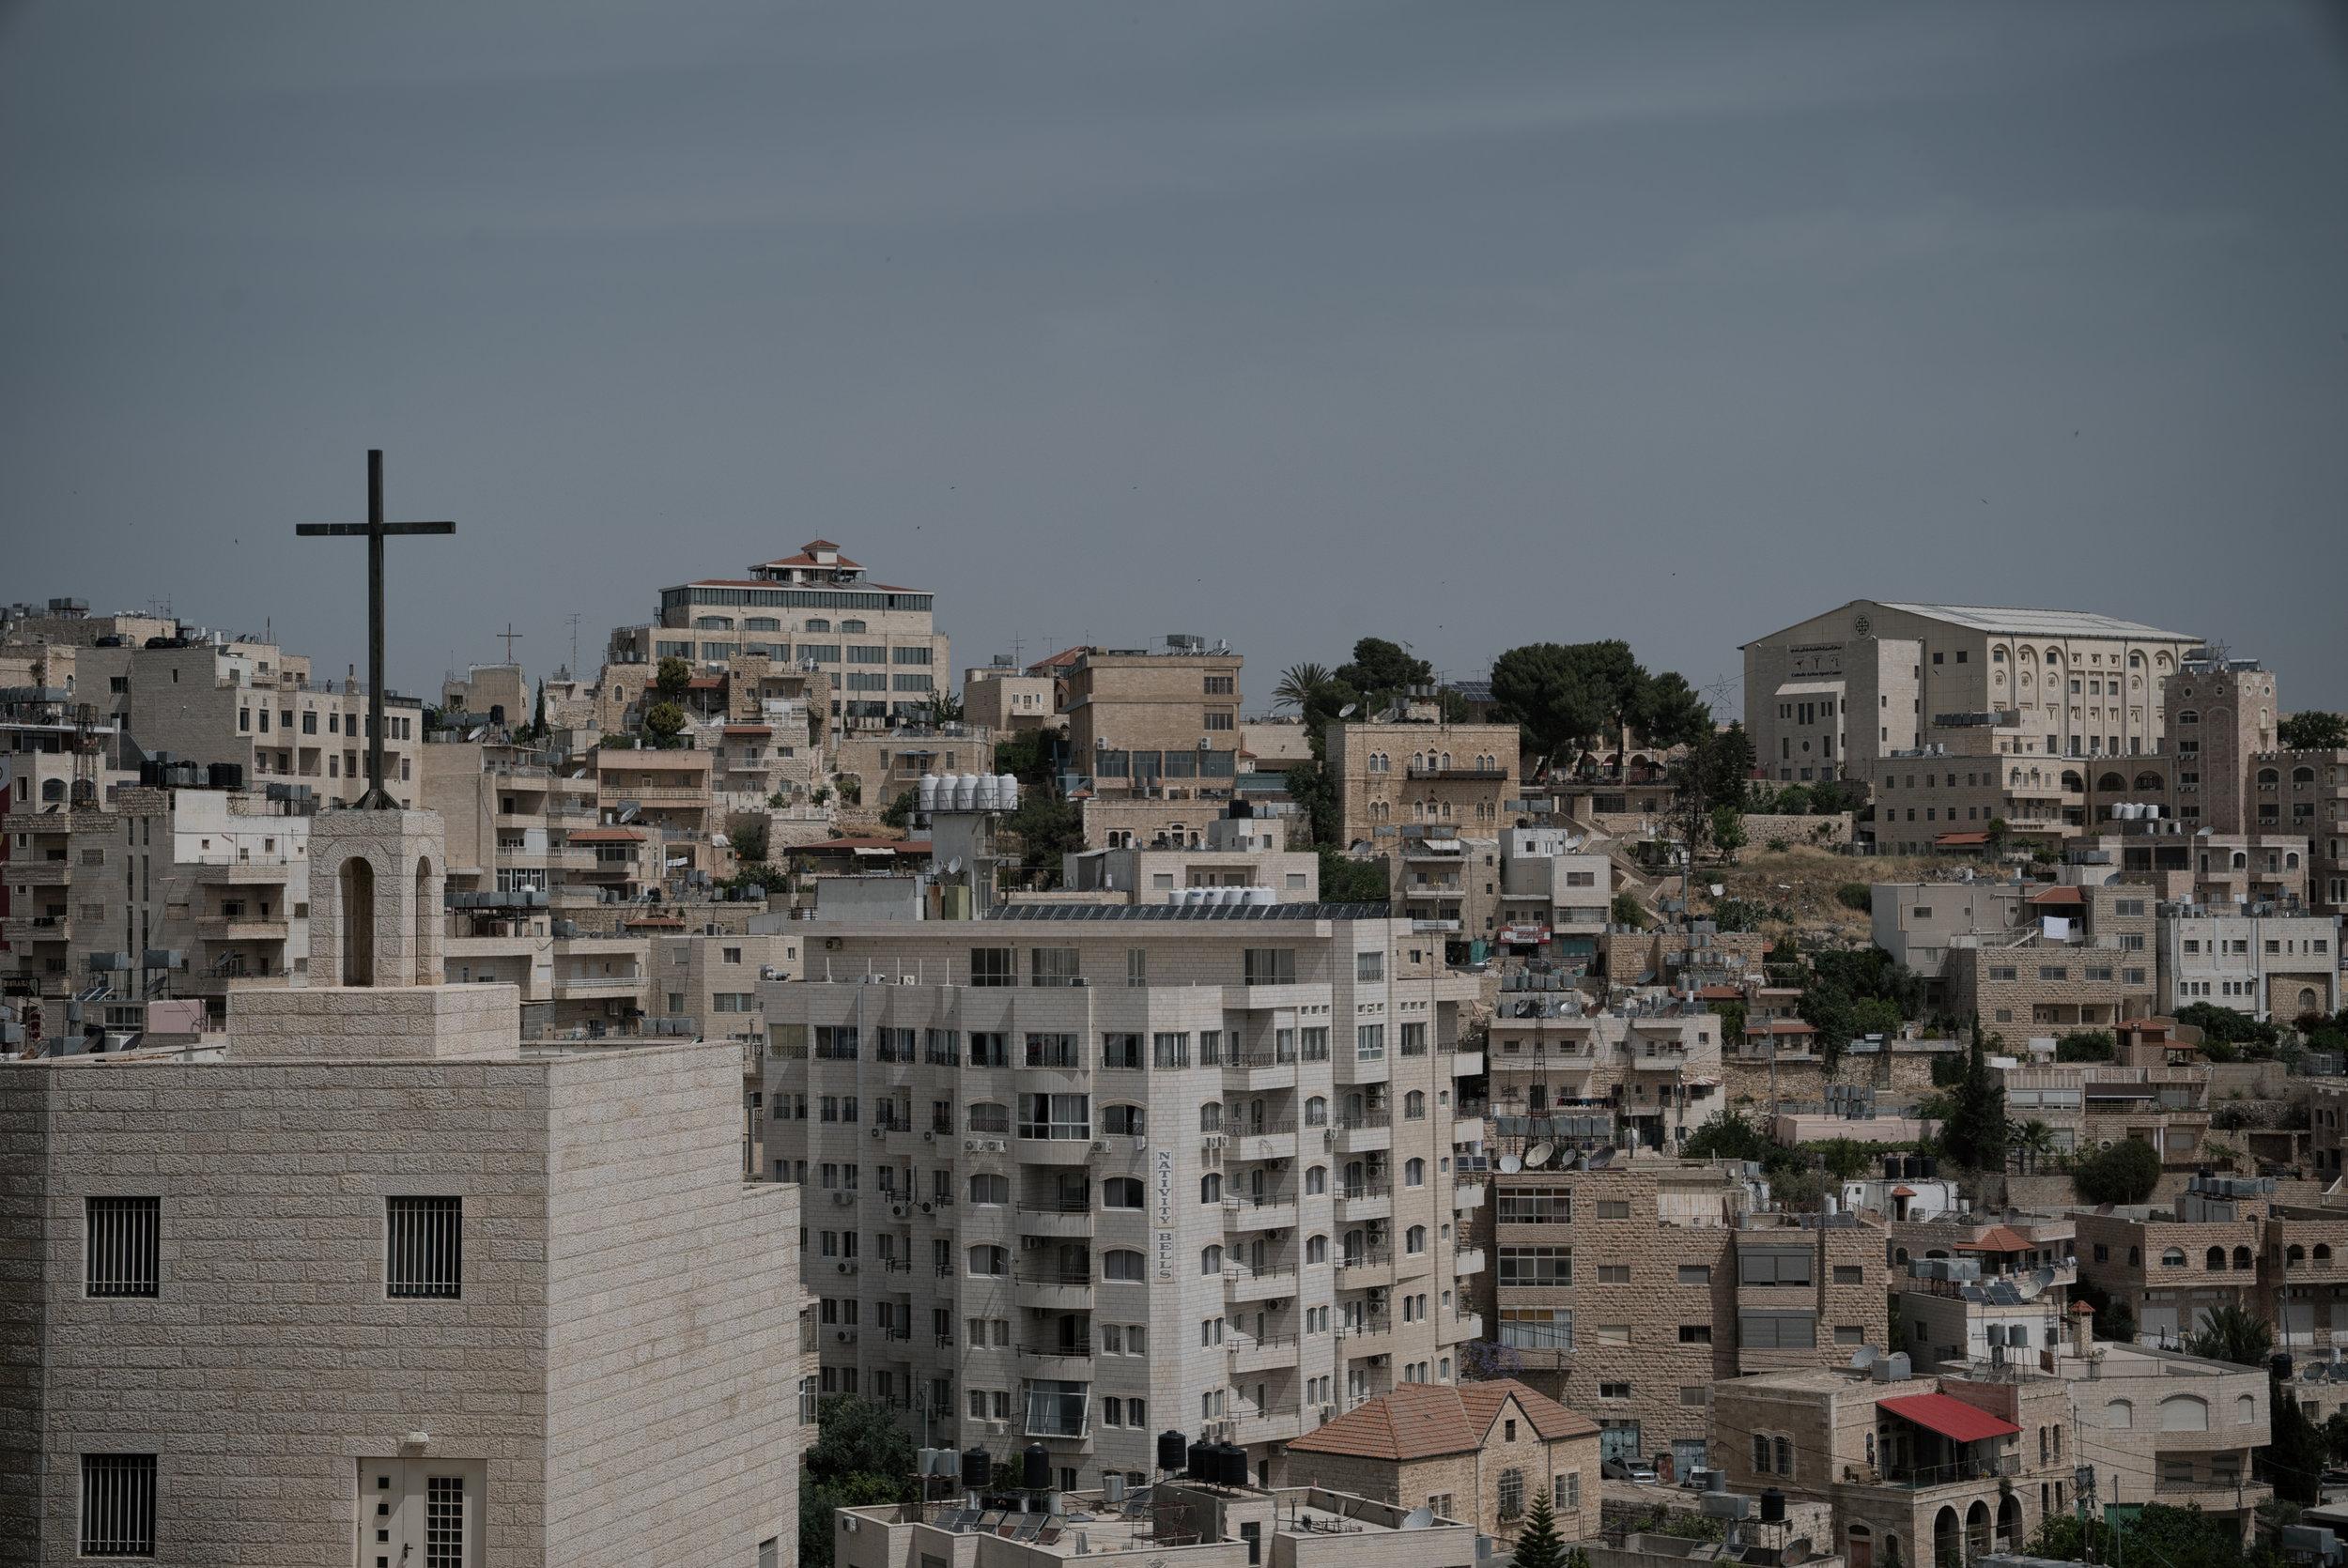 cityview2 (1 of 1).jpg